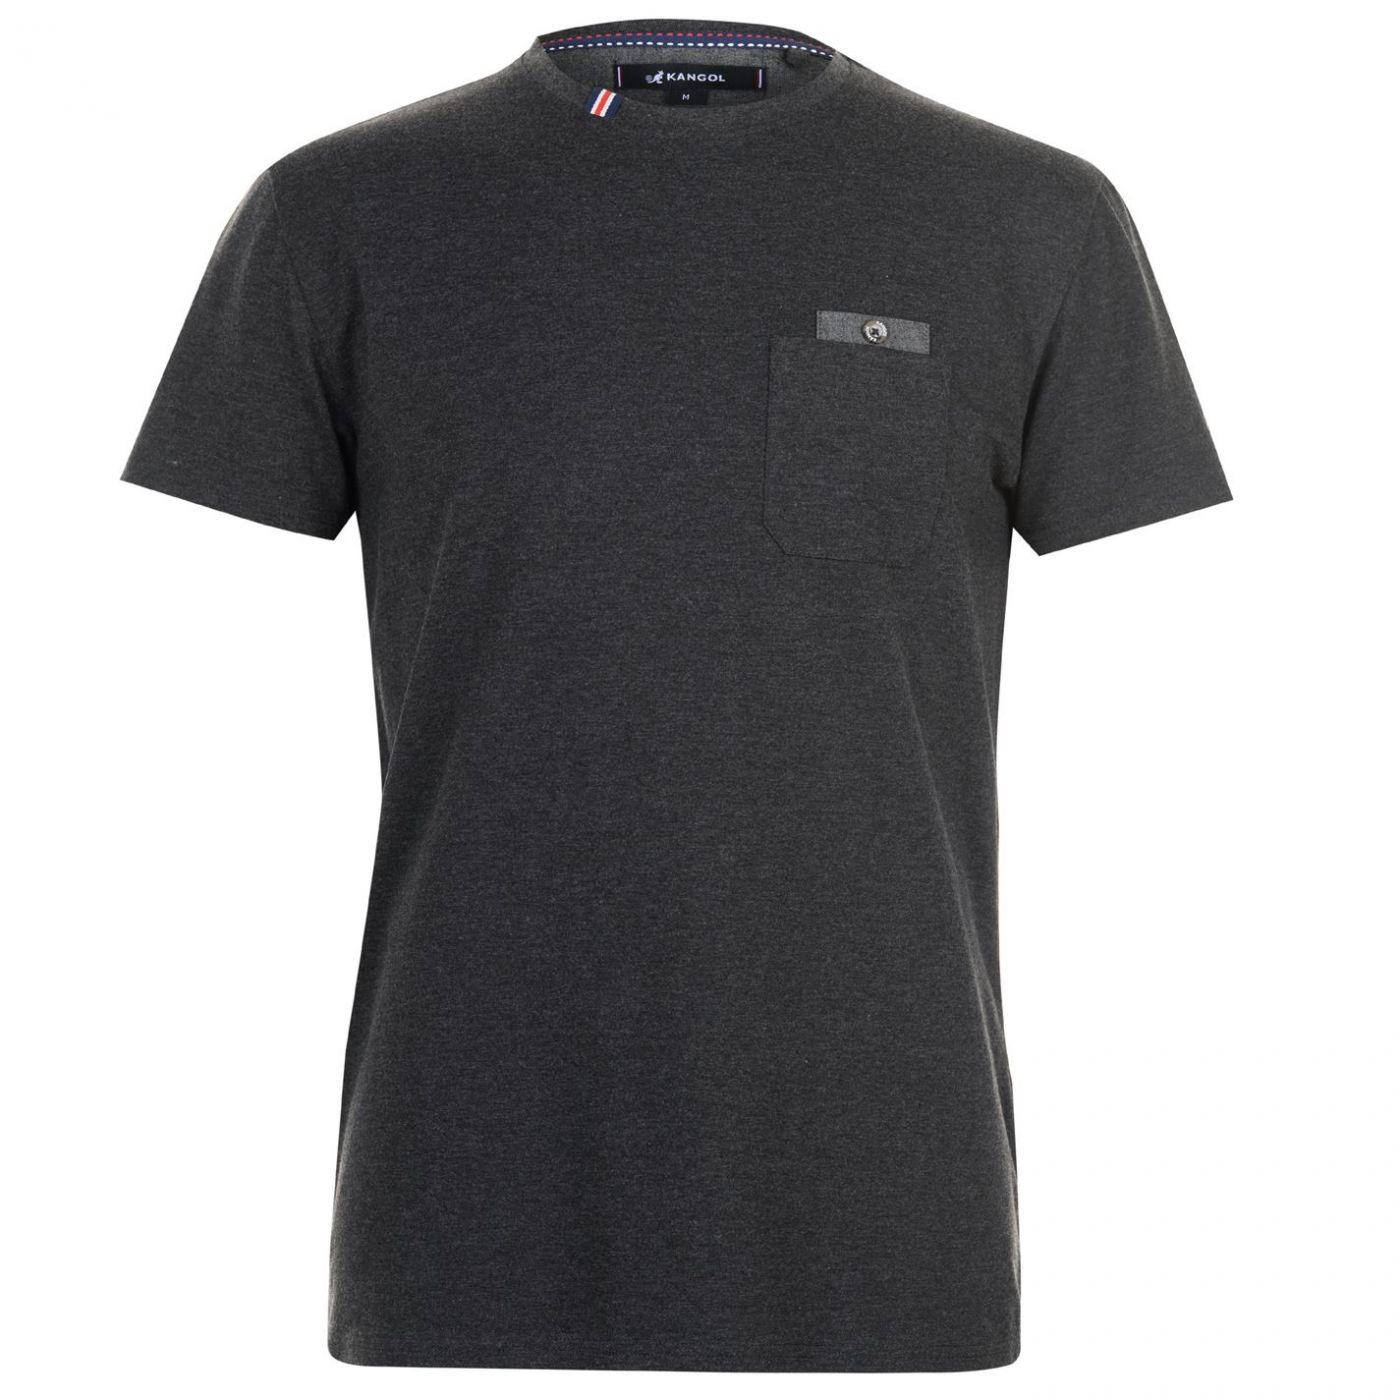 Triko Triko Kangol Chambray Pocket T Shirt pánske